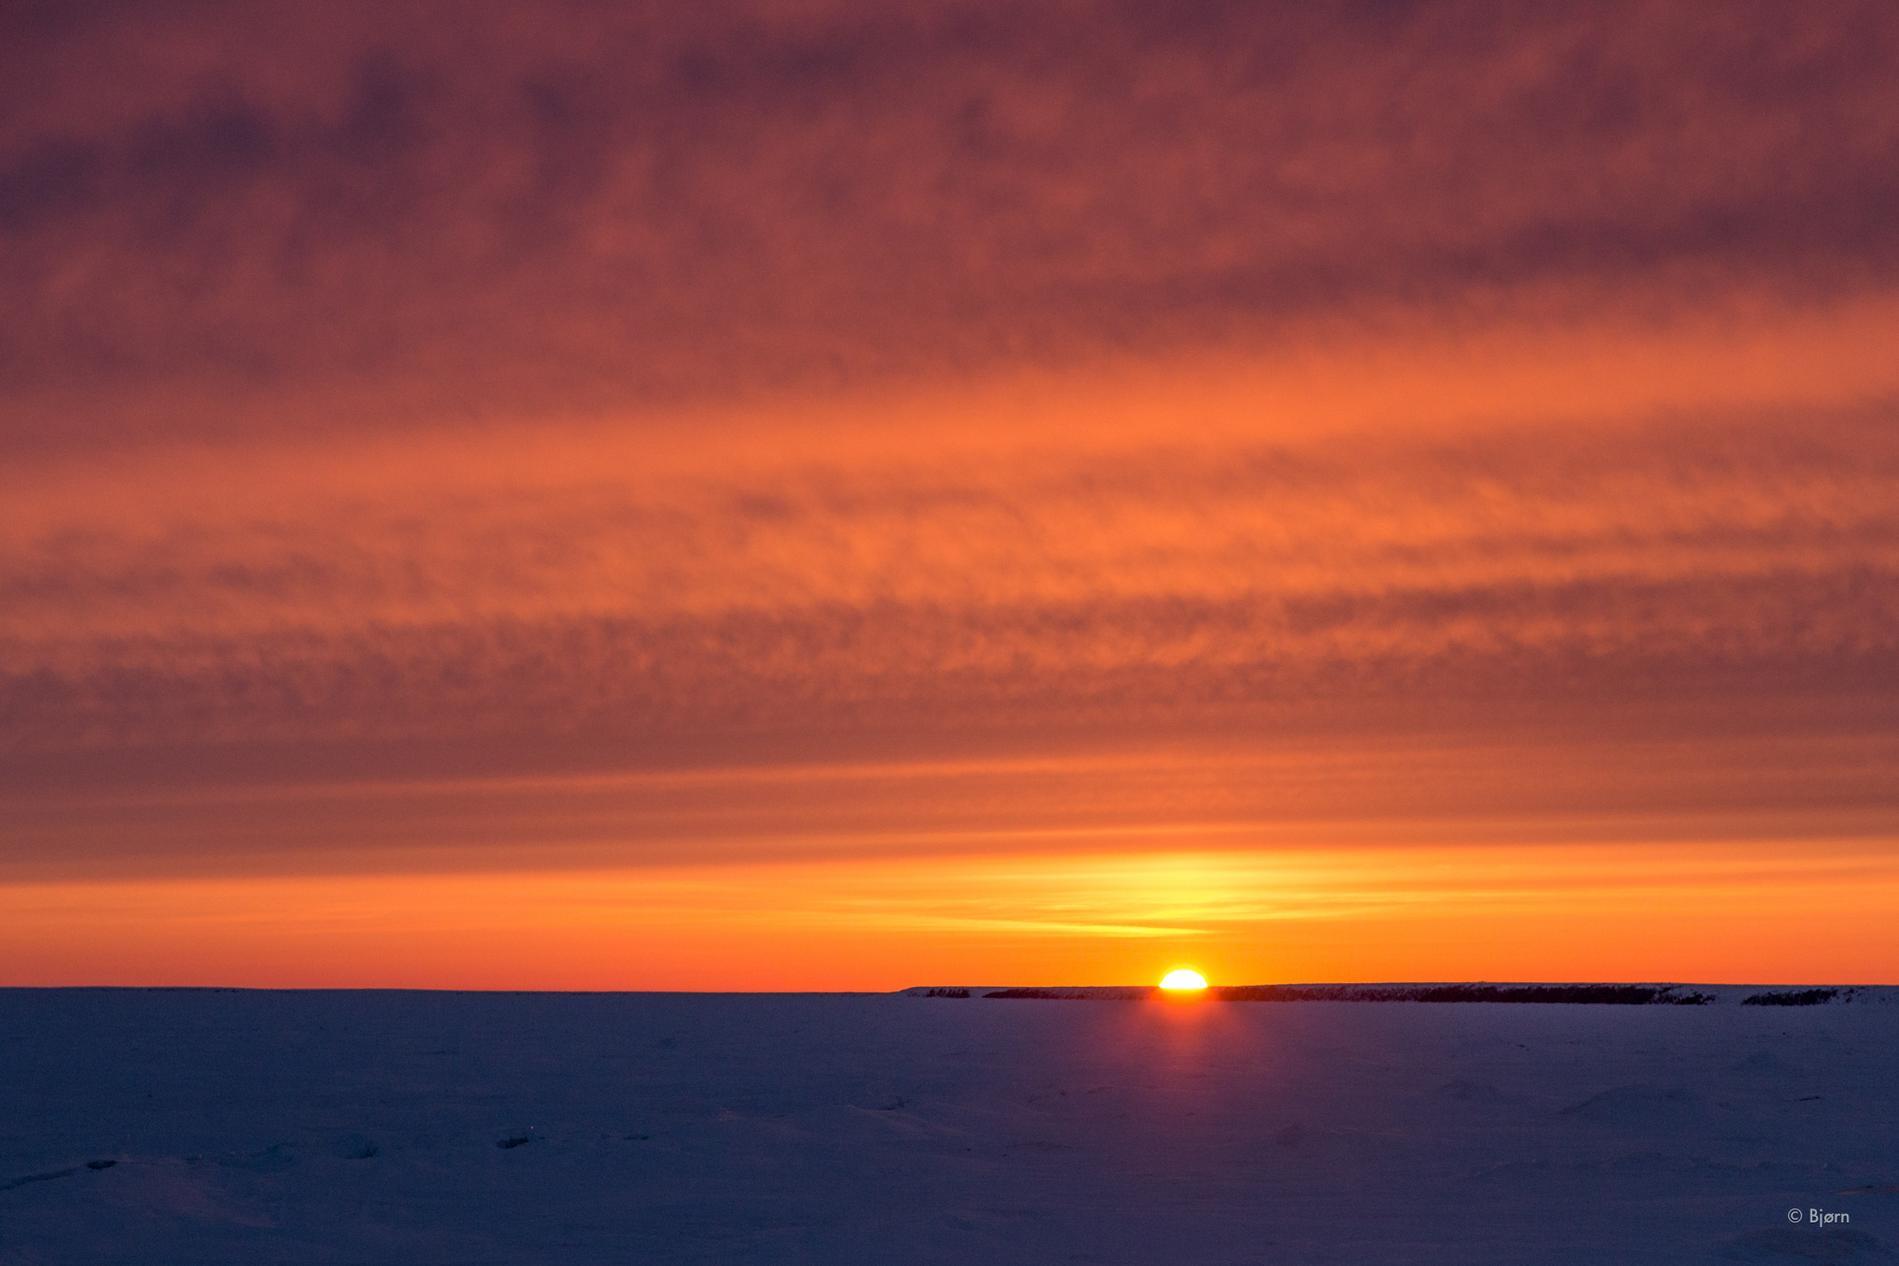 The sun sets over the Baldwin Peninsula - Arctic Alaska.